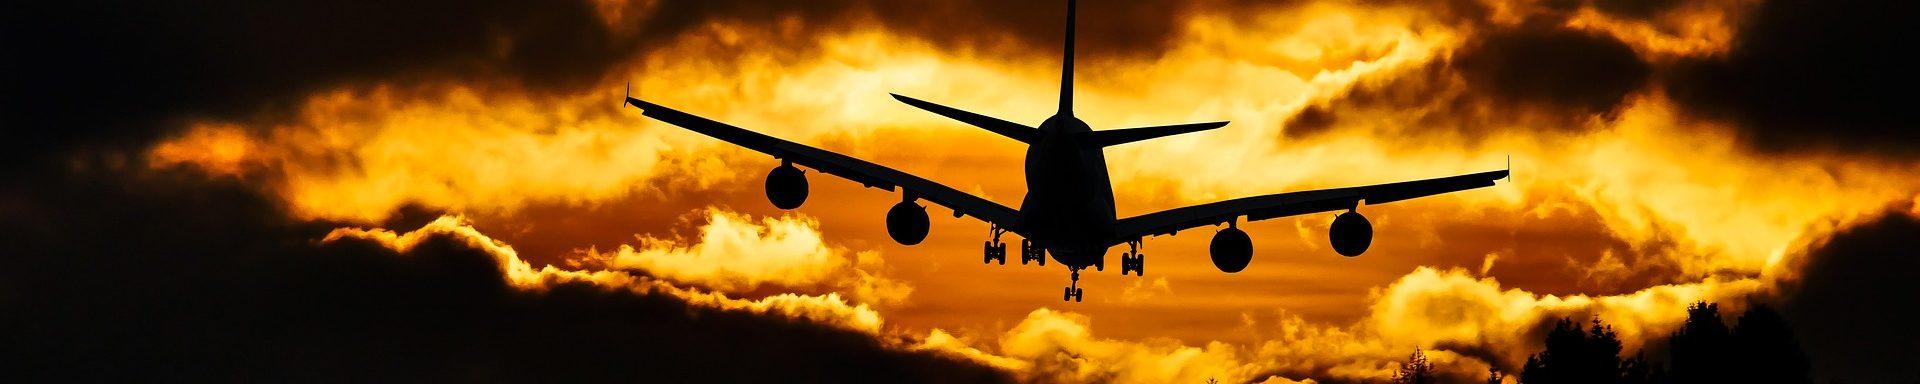 Reisen Fliegen